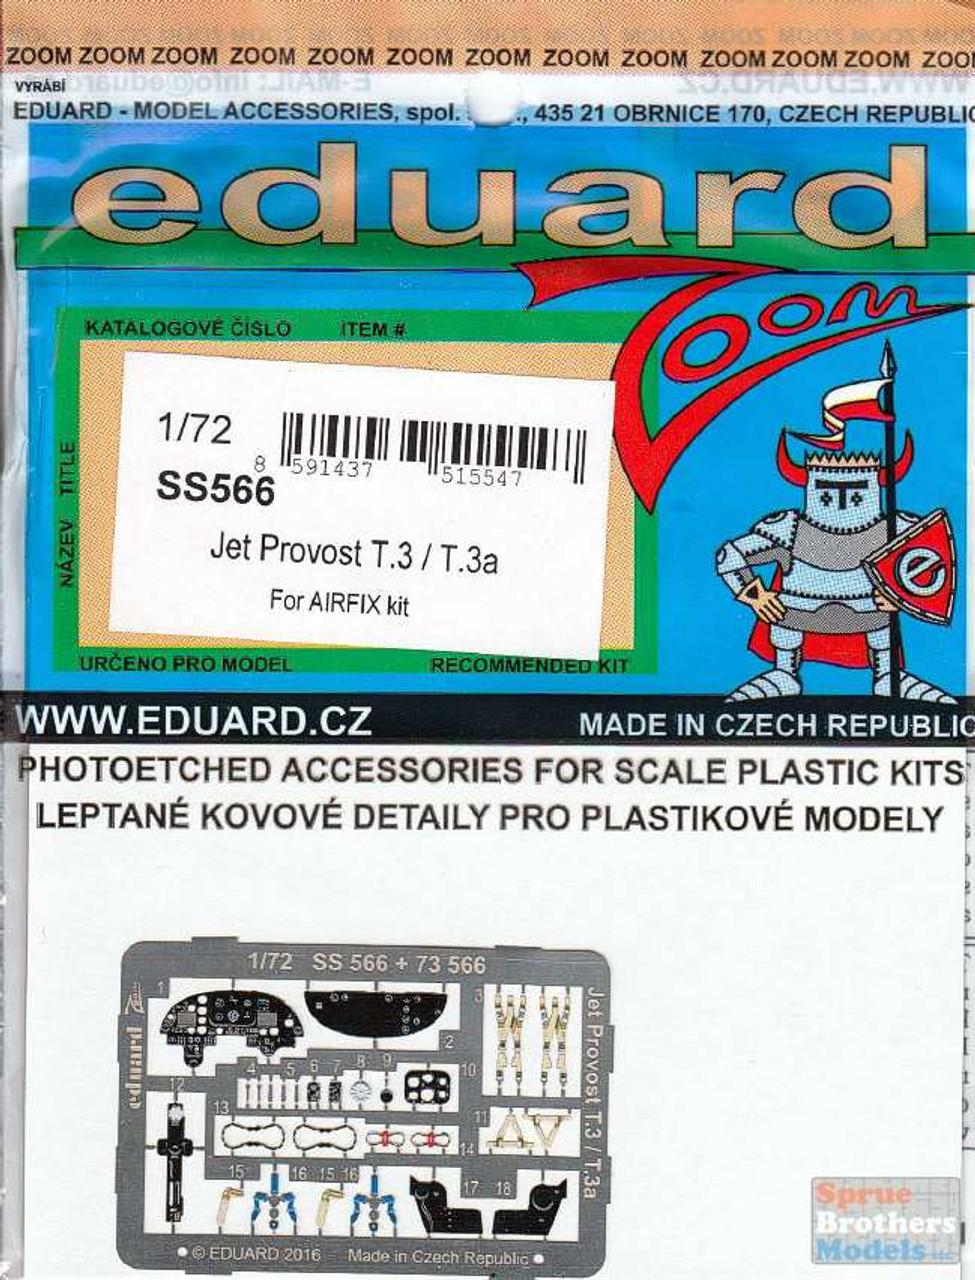 EDUSS566 1:72 Eduard Color Zoom PE - Jet Provost T.3 / T.3a (AFX kit)